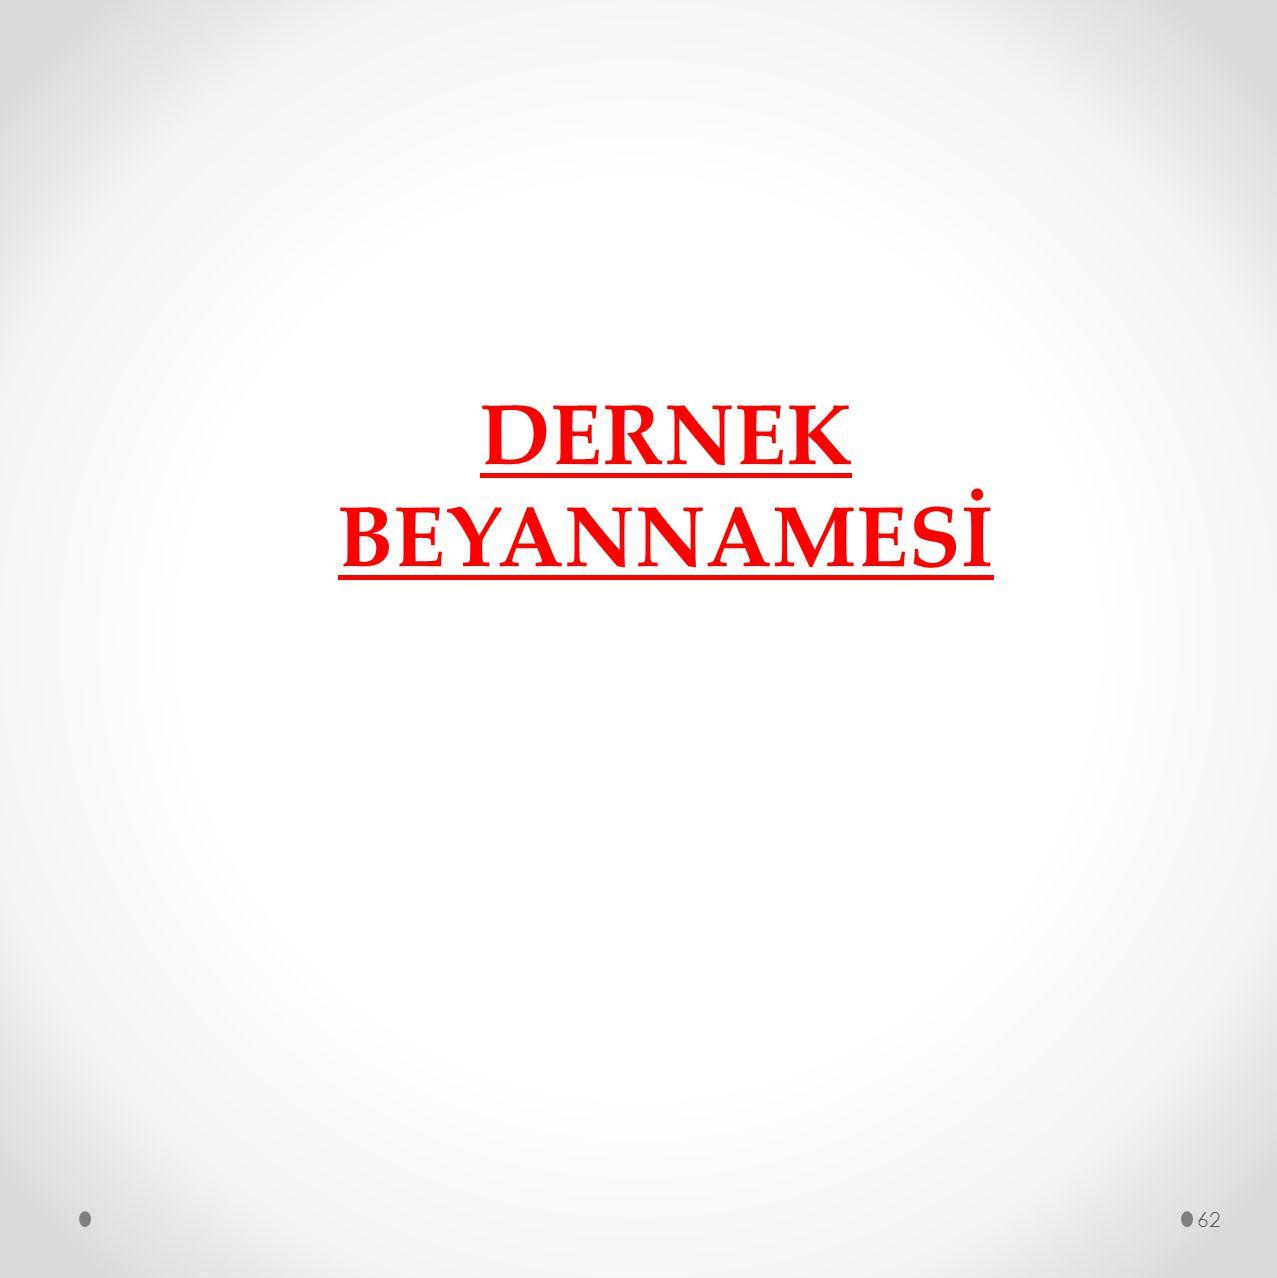 DERNEK BEYANNAMESİ